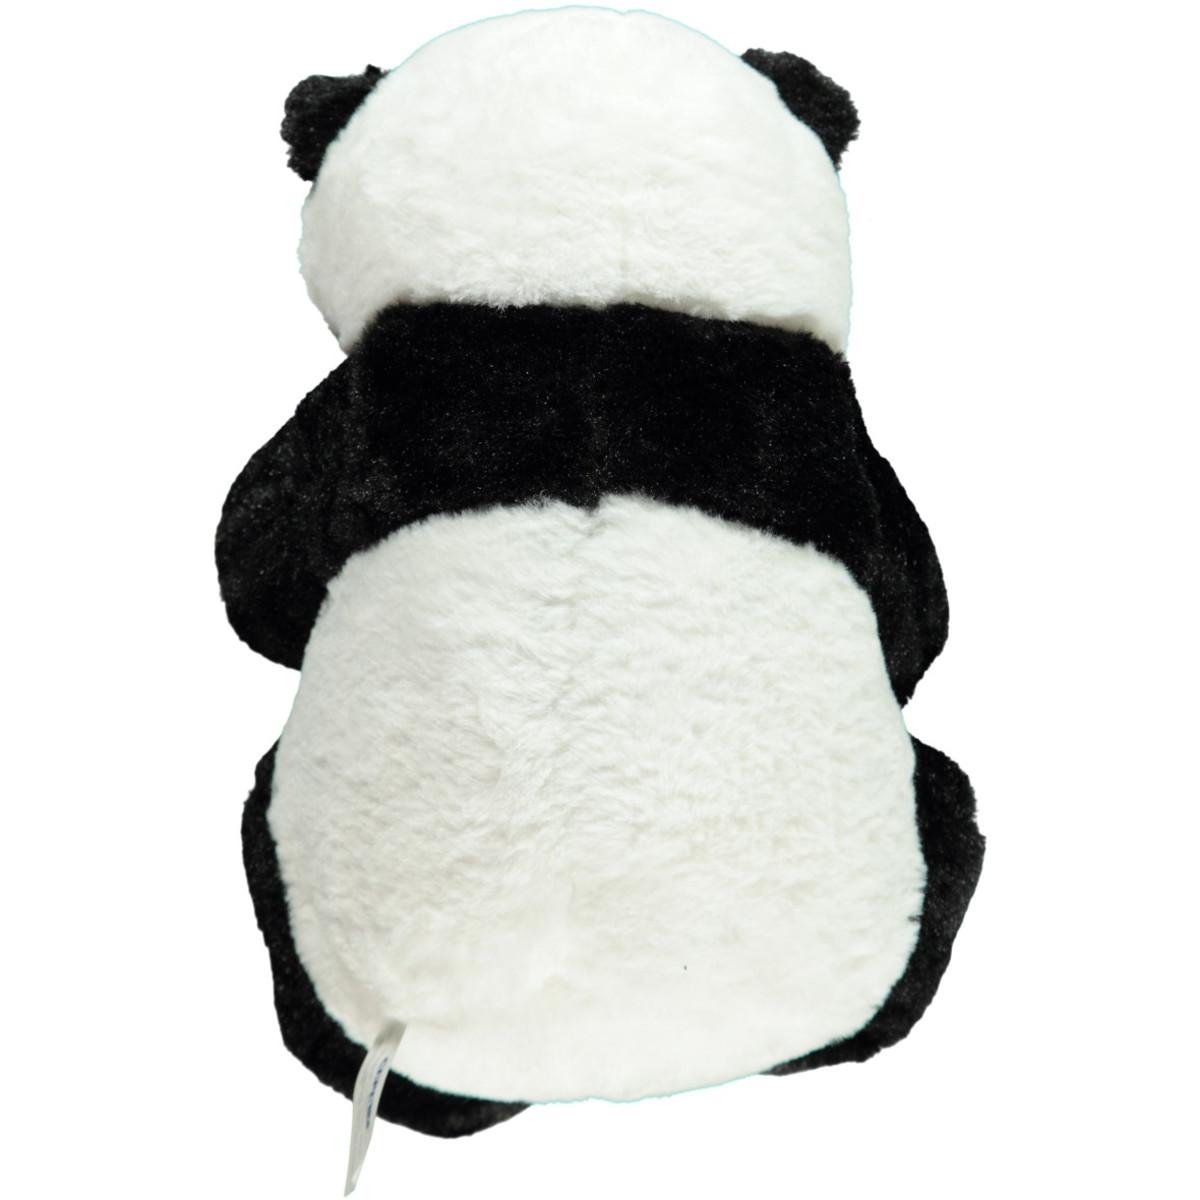 Bild 2 von Panda Bär aus weichem Plüsch 30cm hoch